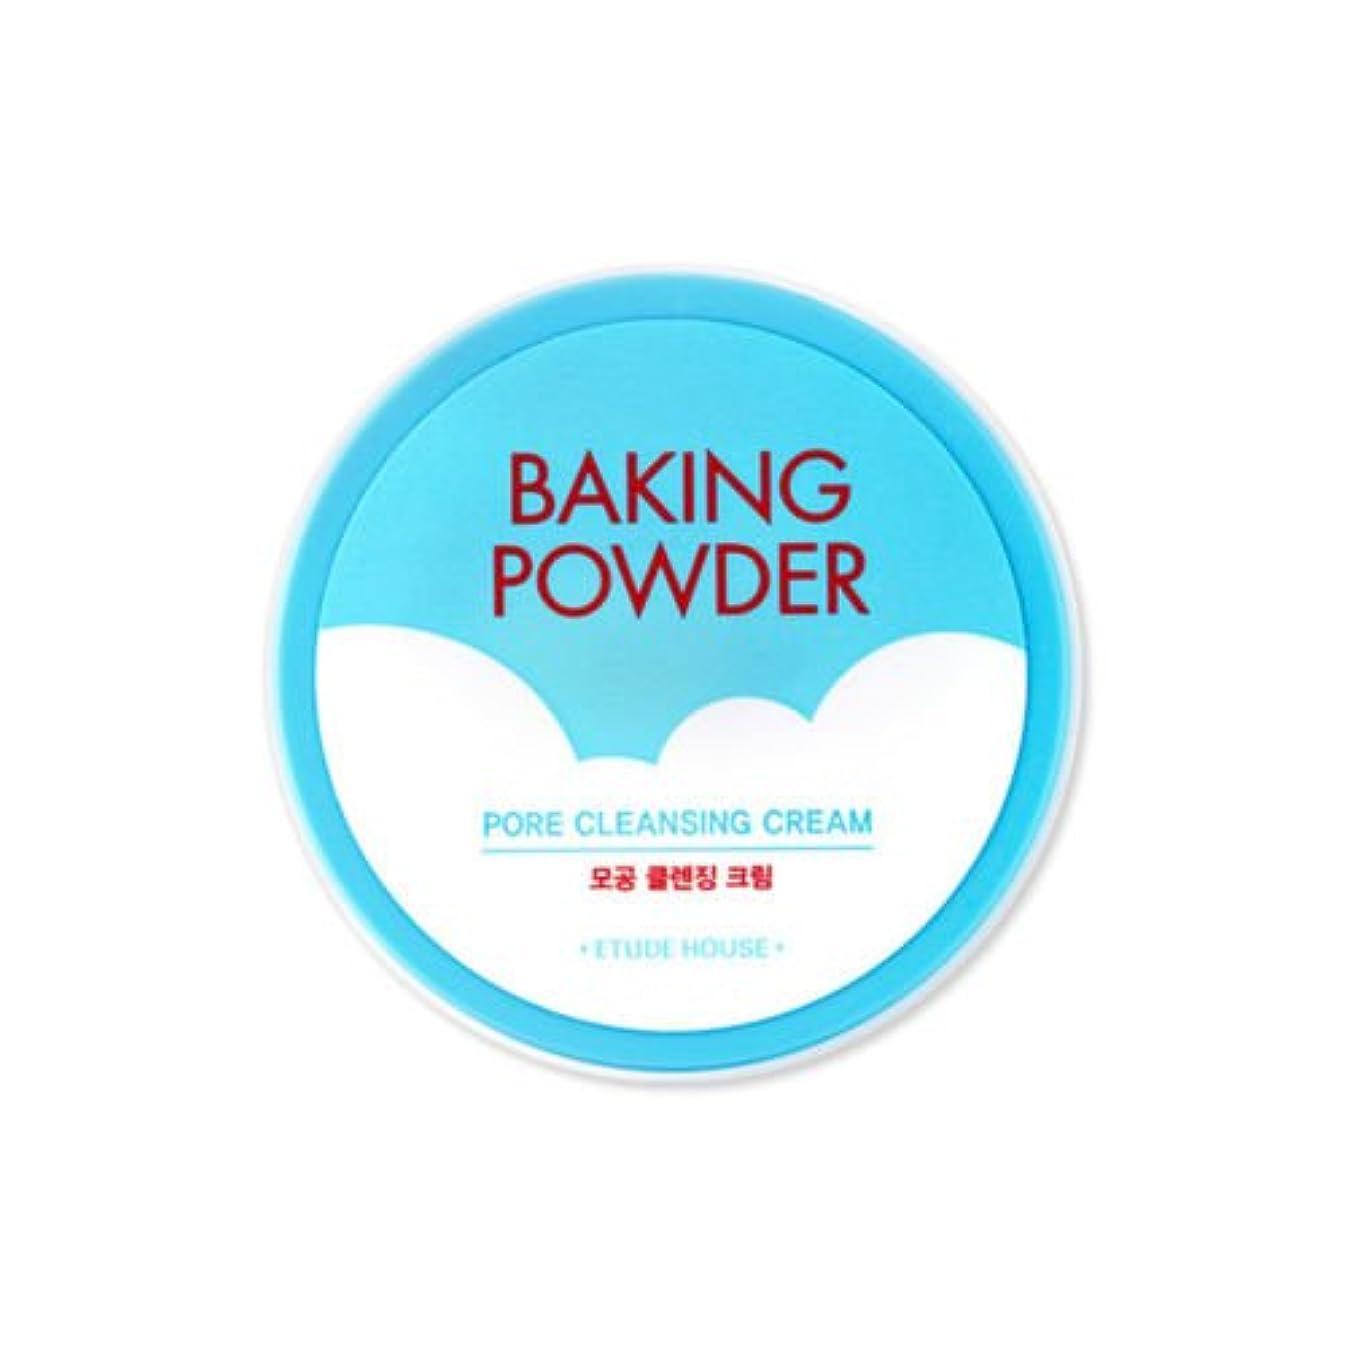 コーン苛性ドット[2016 Upgrade!] ETUDE HOUSE Baking Powder Pore Cleansing Cream 180ml/エチュードハウス ベーキング パウダー ポア クレンジング クリーム 180ml